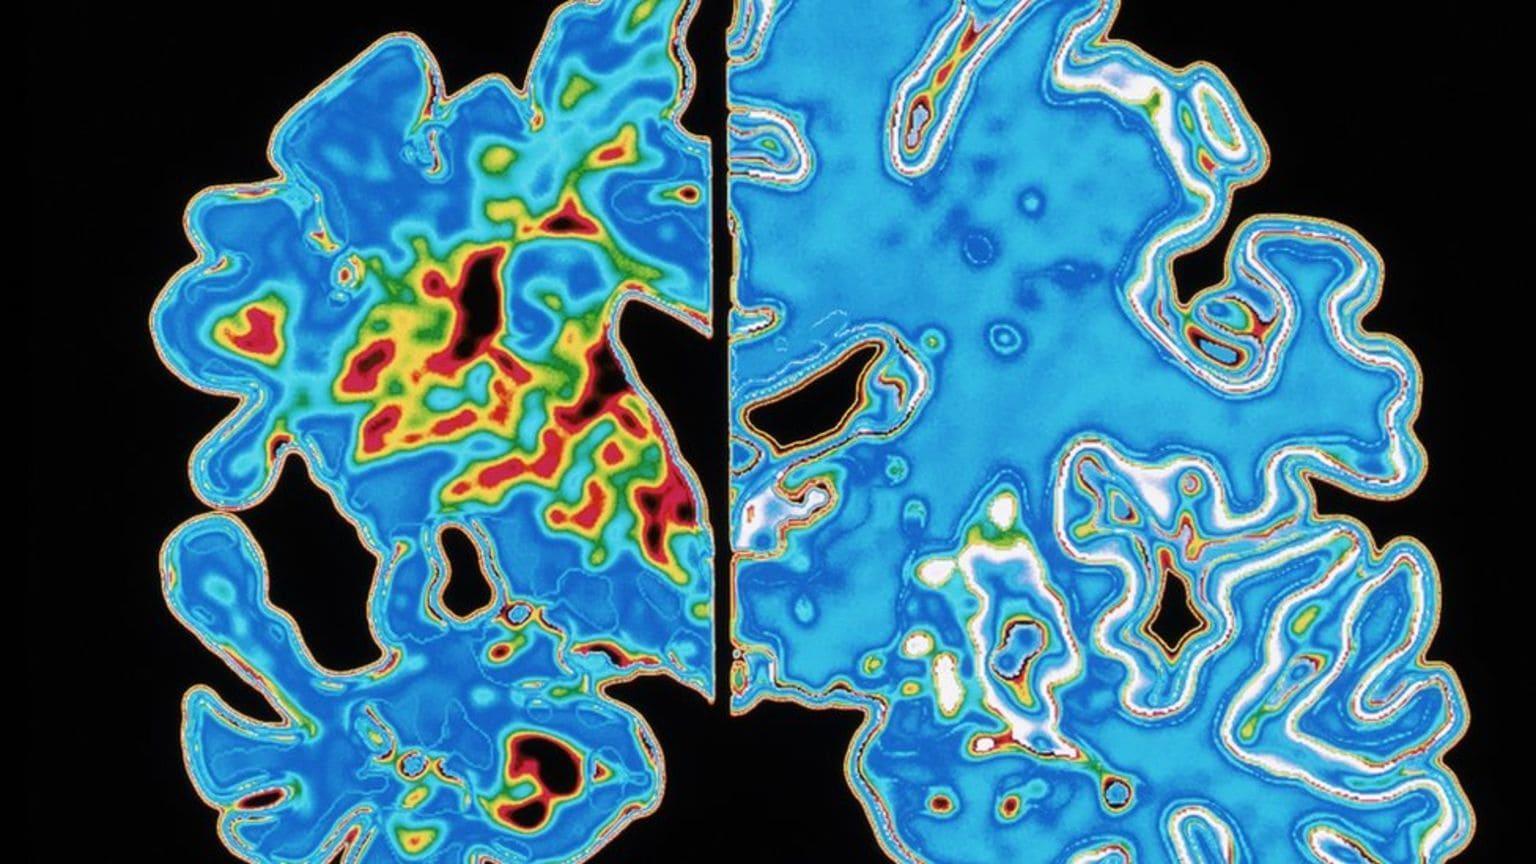 Болезнь Альцгеймера может оказаться заразной